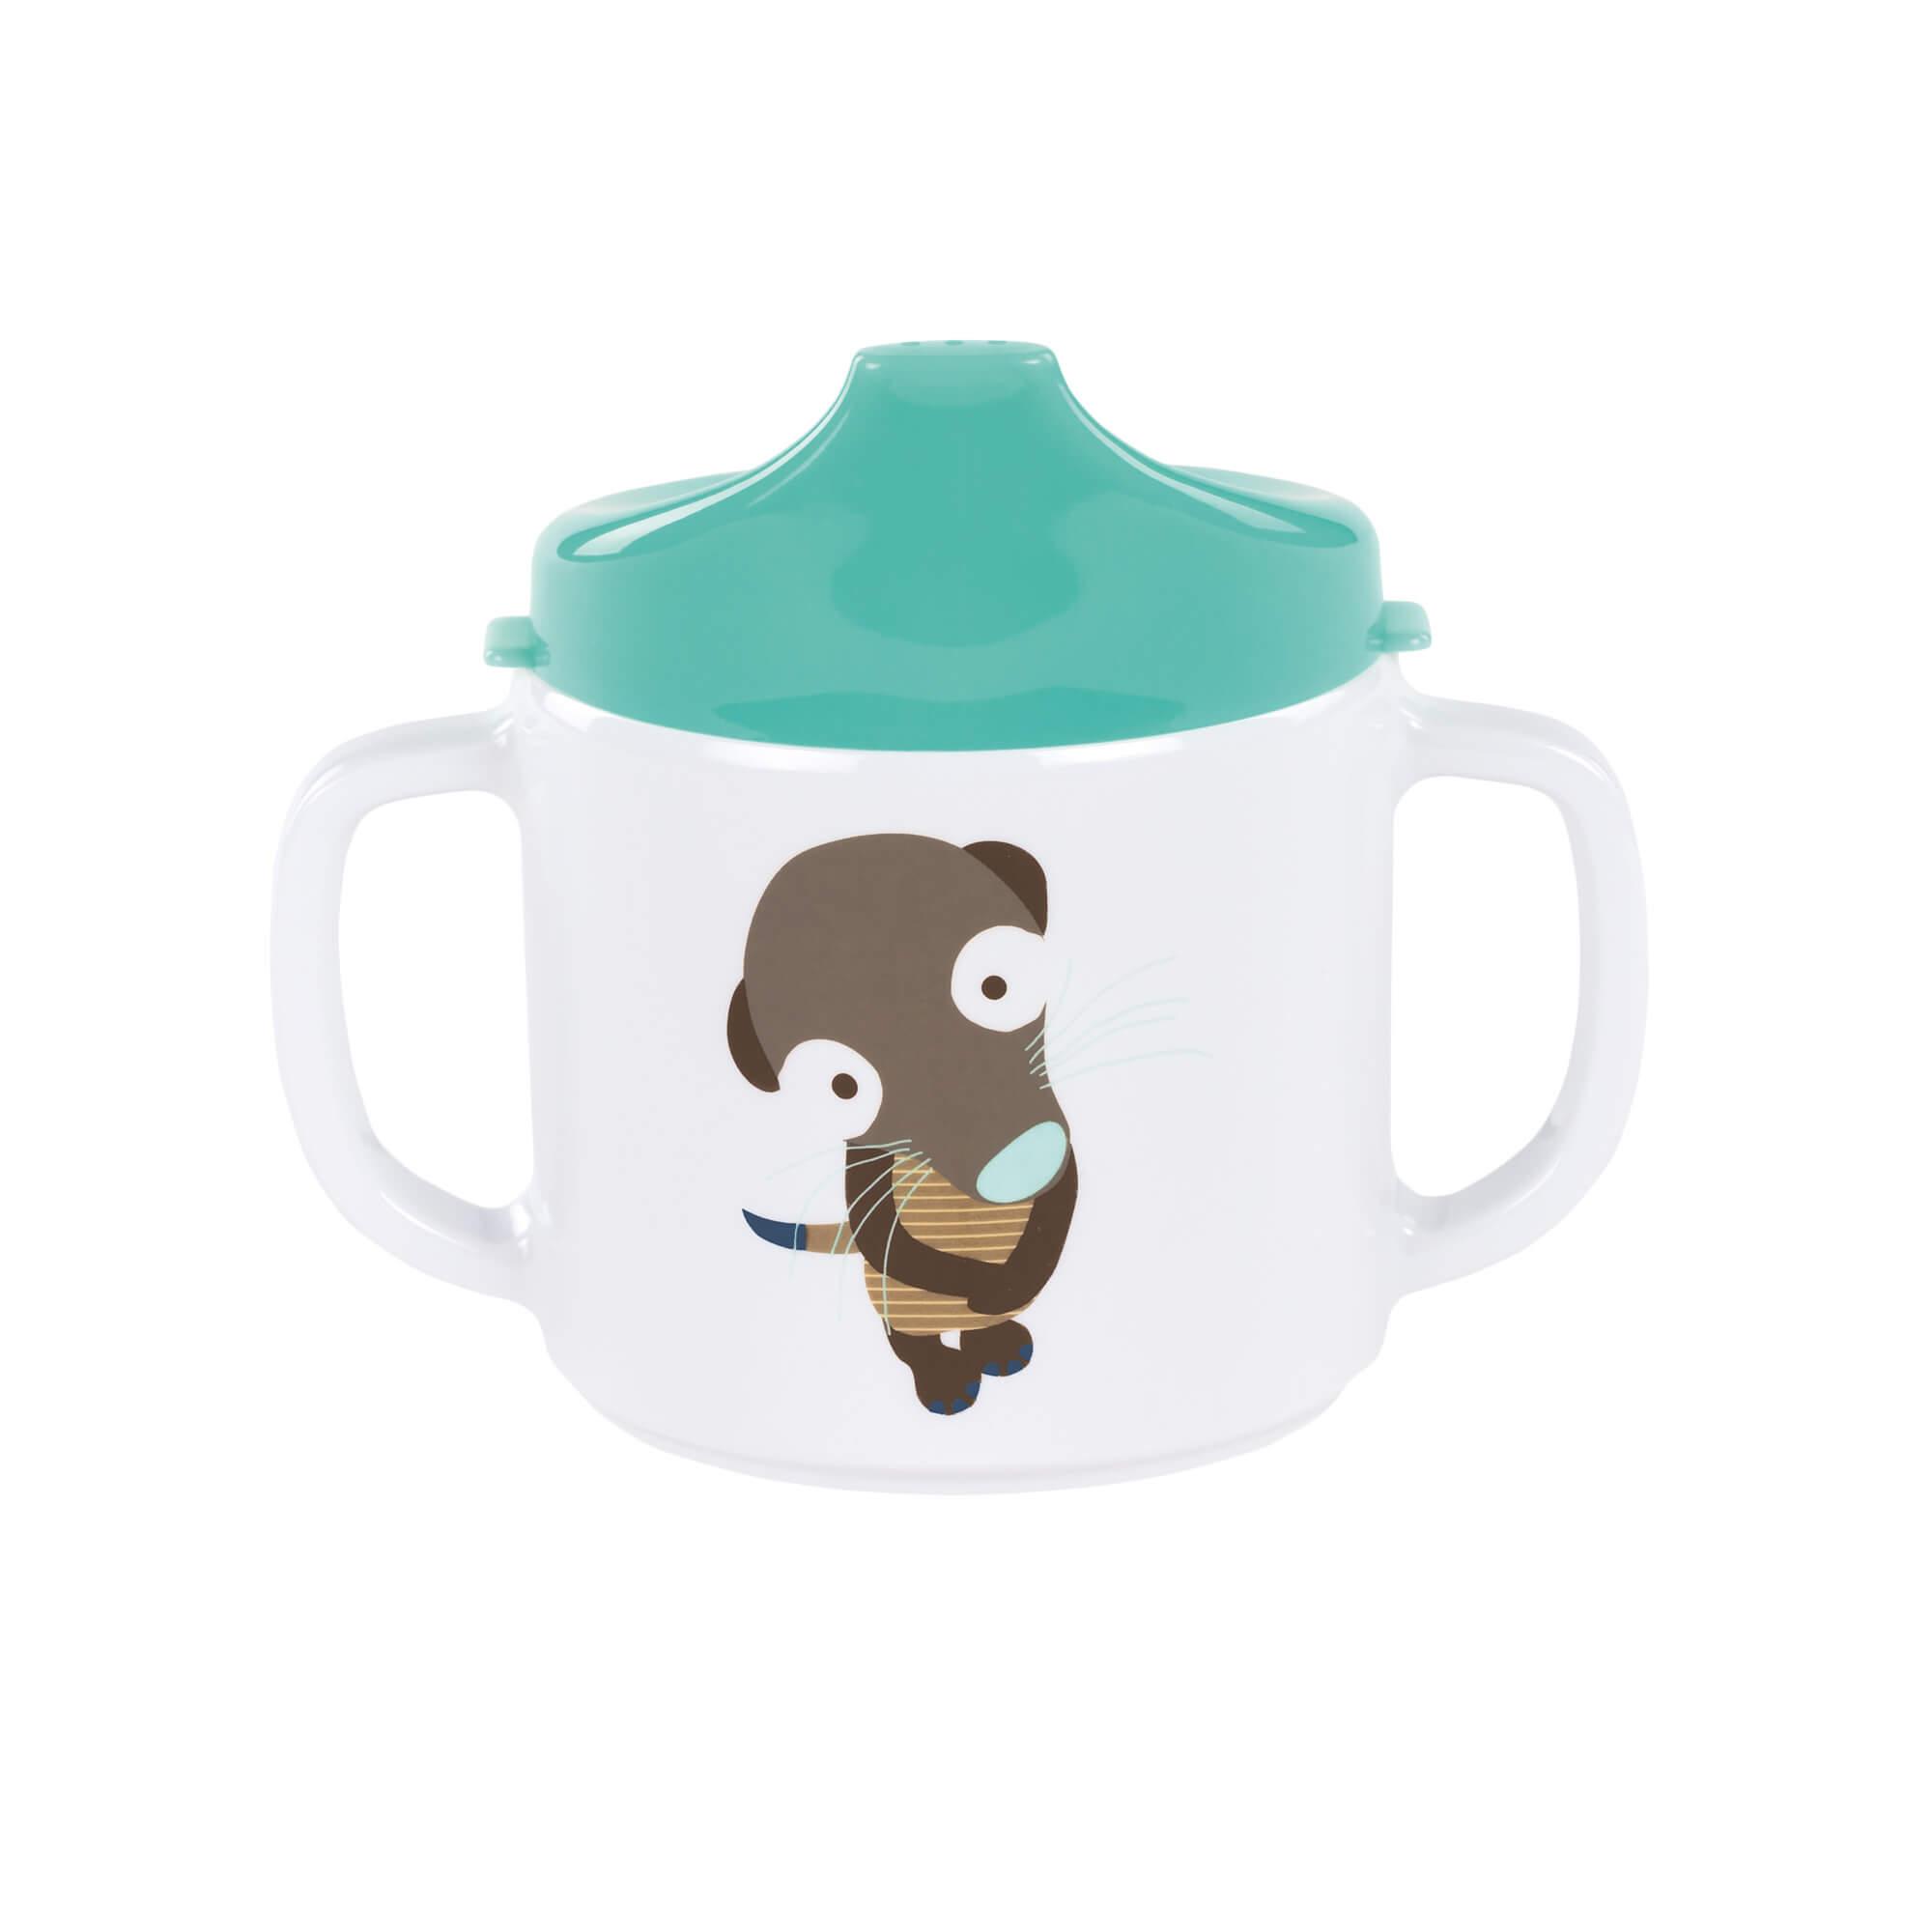 Lässig trinklernbecher dish cup melamine silicone